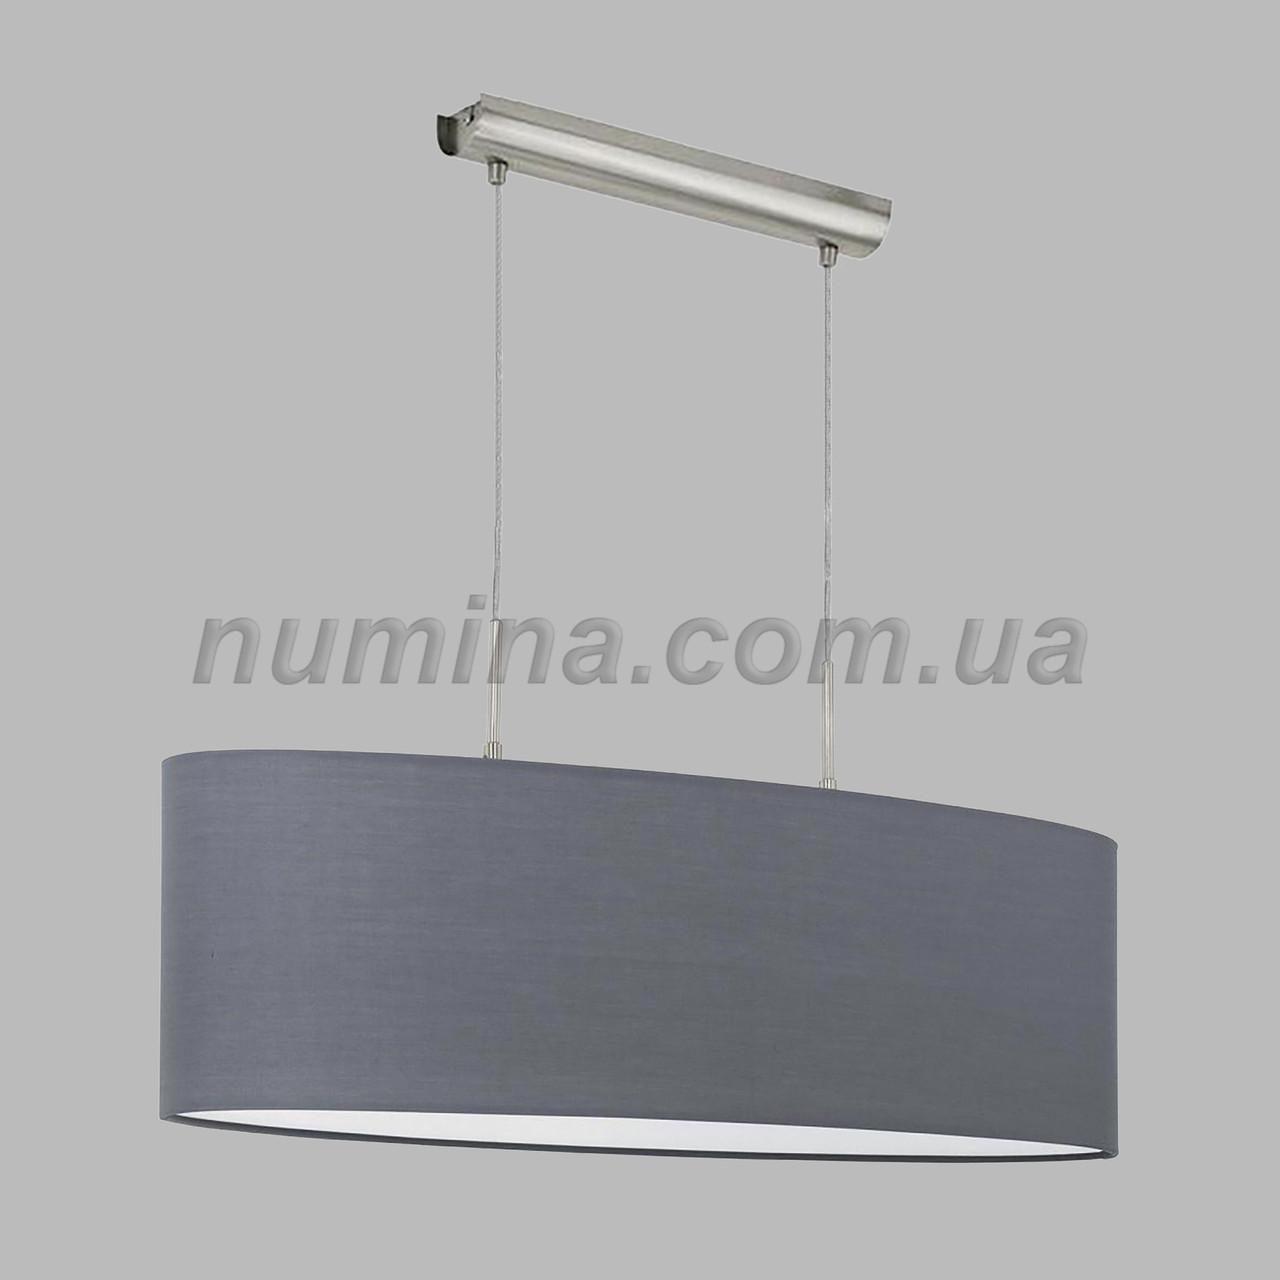 Люстра подвесная на 2 лампы 29-S270/2D WT+SM+WT